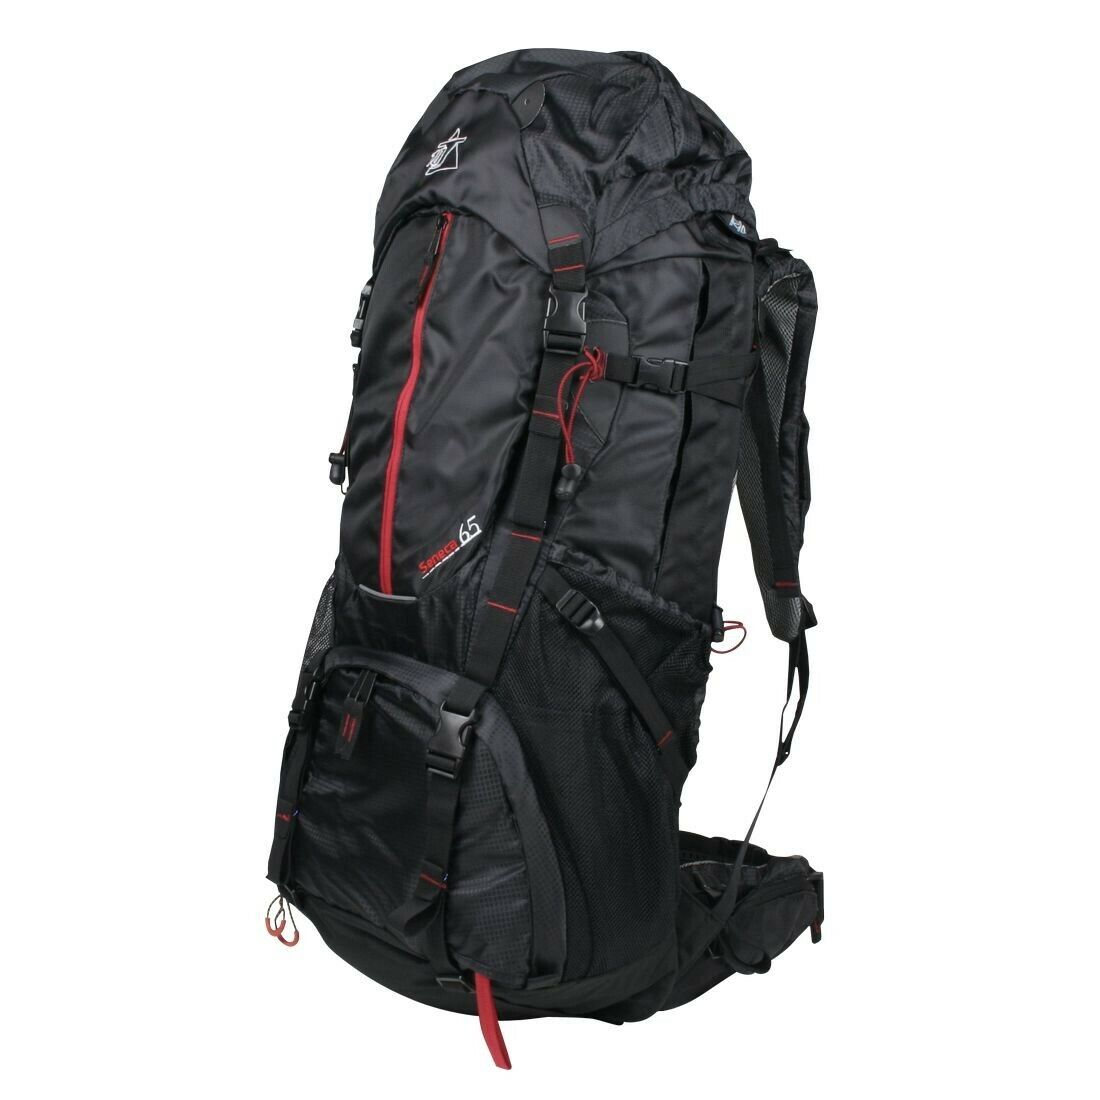 Seneca 65 XL Zaino da trekking Zaino da viaggio Zaino da escursione Parapioggia